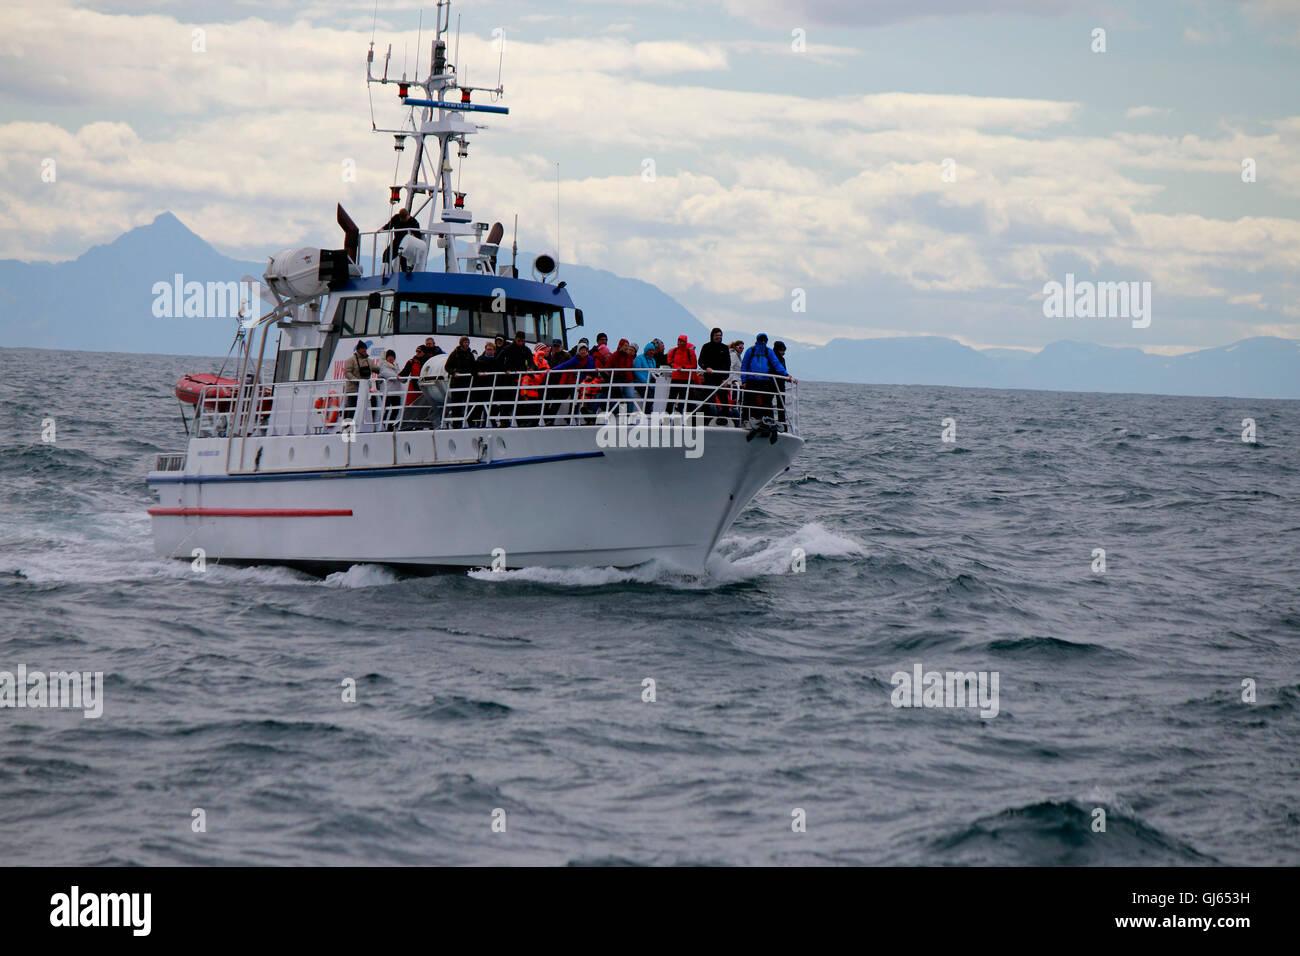 Impressionen: Boot zur Walbeobachtung, Nordmeer, Andenes, Vesteralen, Norwegen. - Stock Image